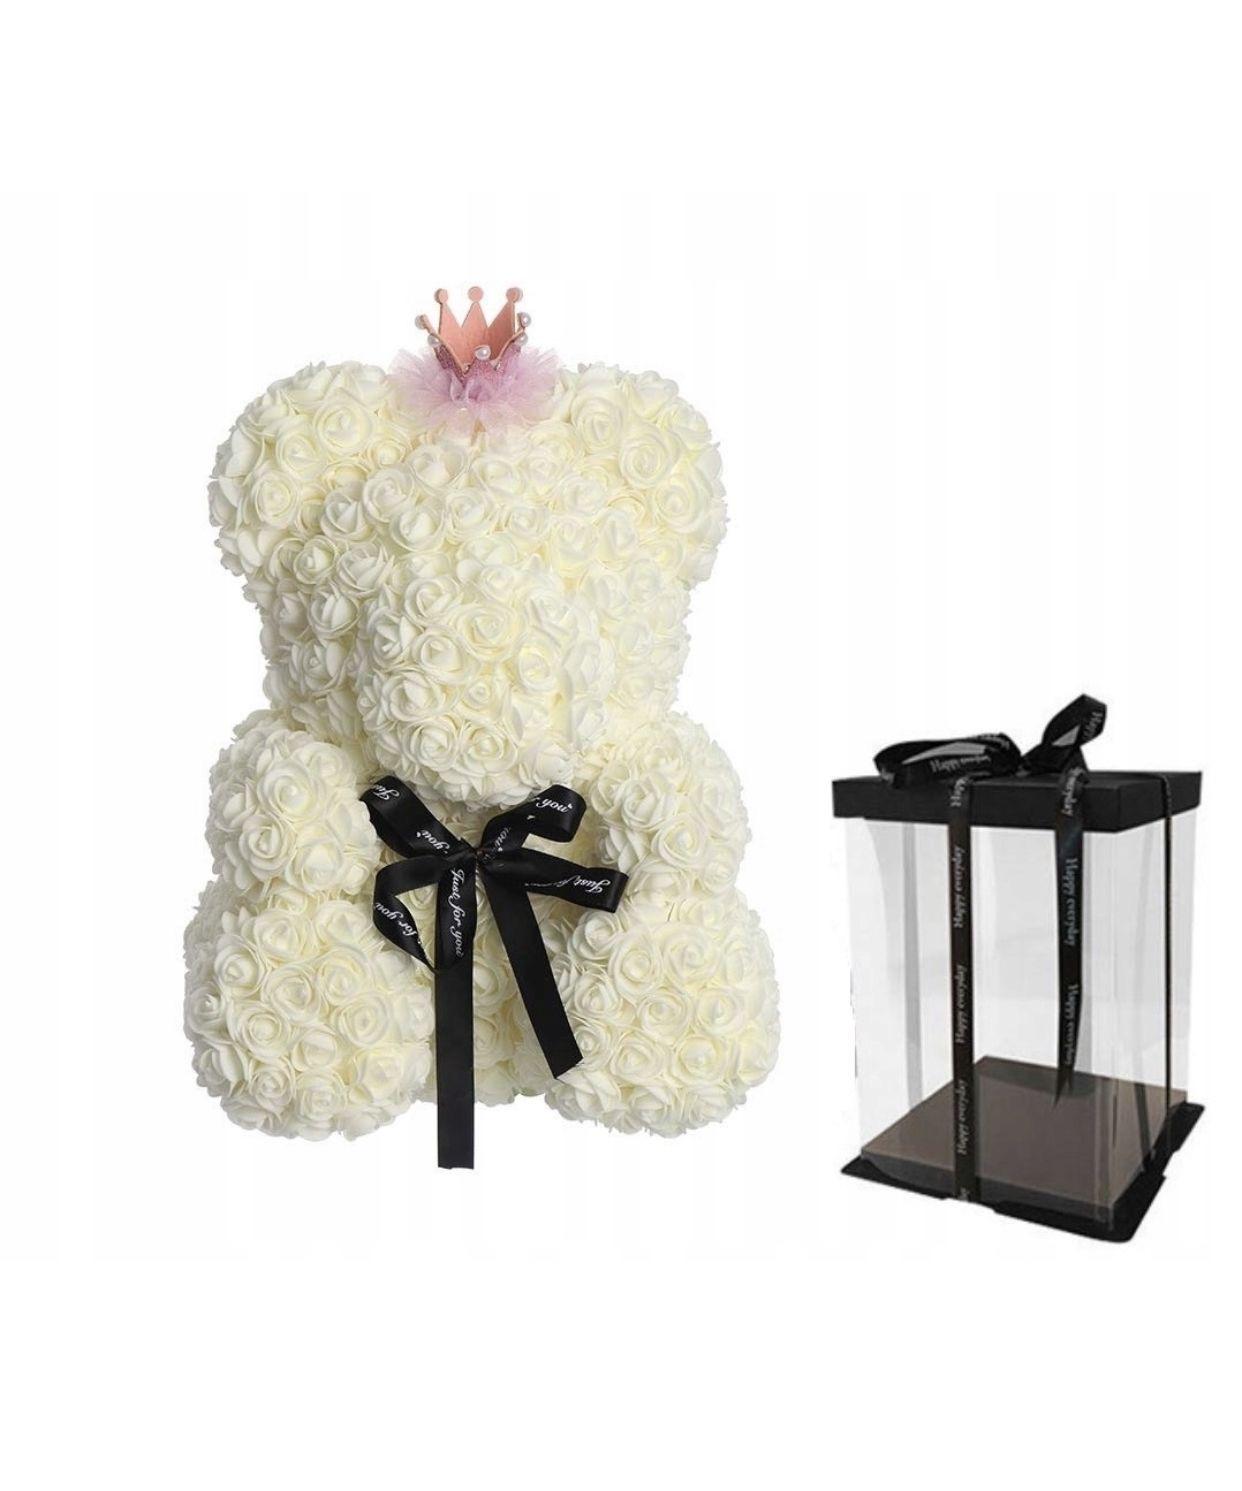 Ursulet floral Alb cu fundita + Cutie Cadou, 40 cm